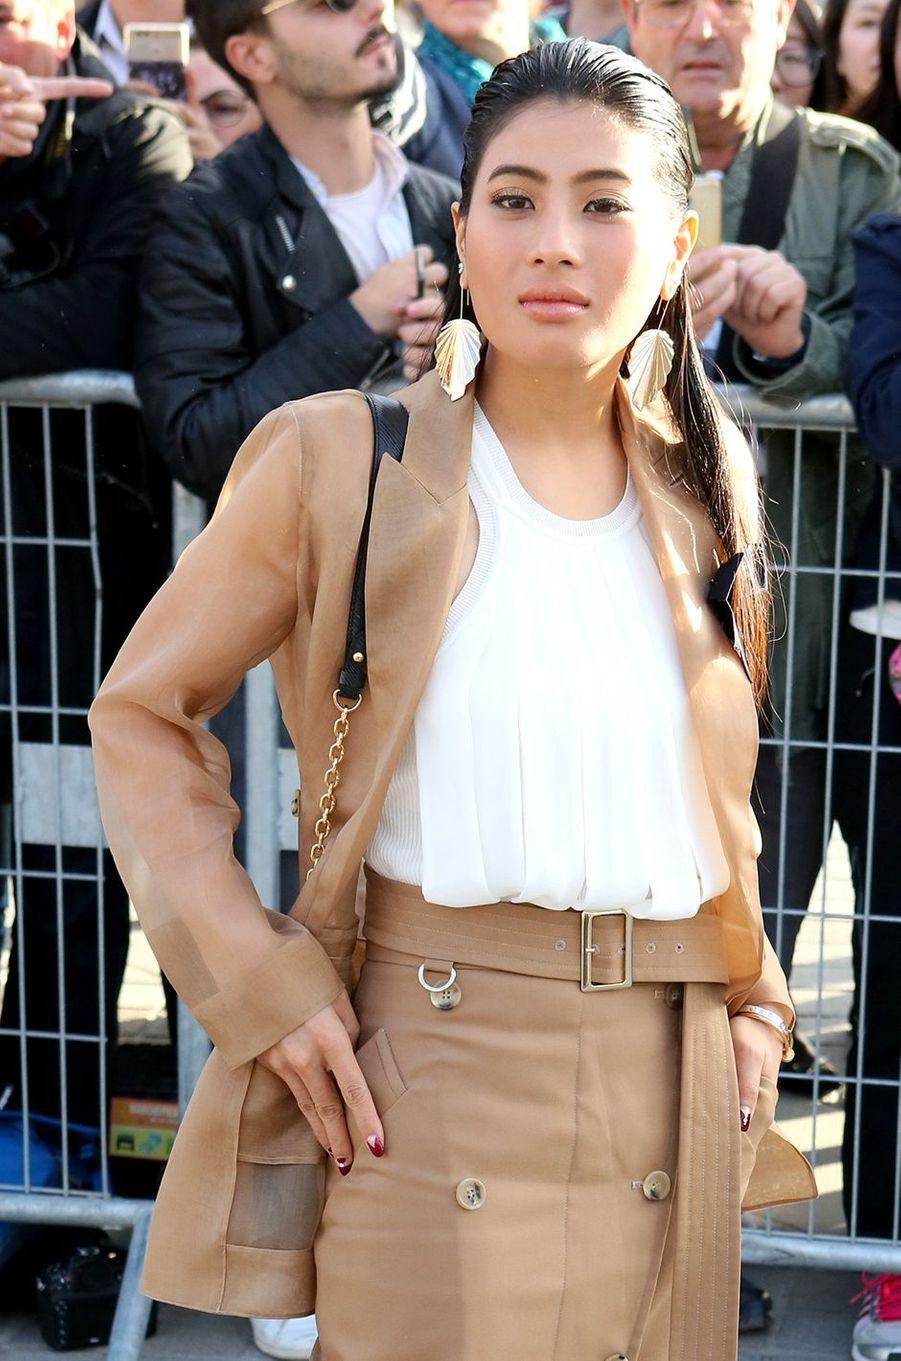 La princesse Sirivannavari Nariratana de Thaïlande au défilé Louis Vuitton à Paris, le 3 octobre 2017